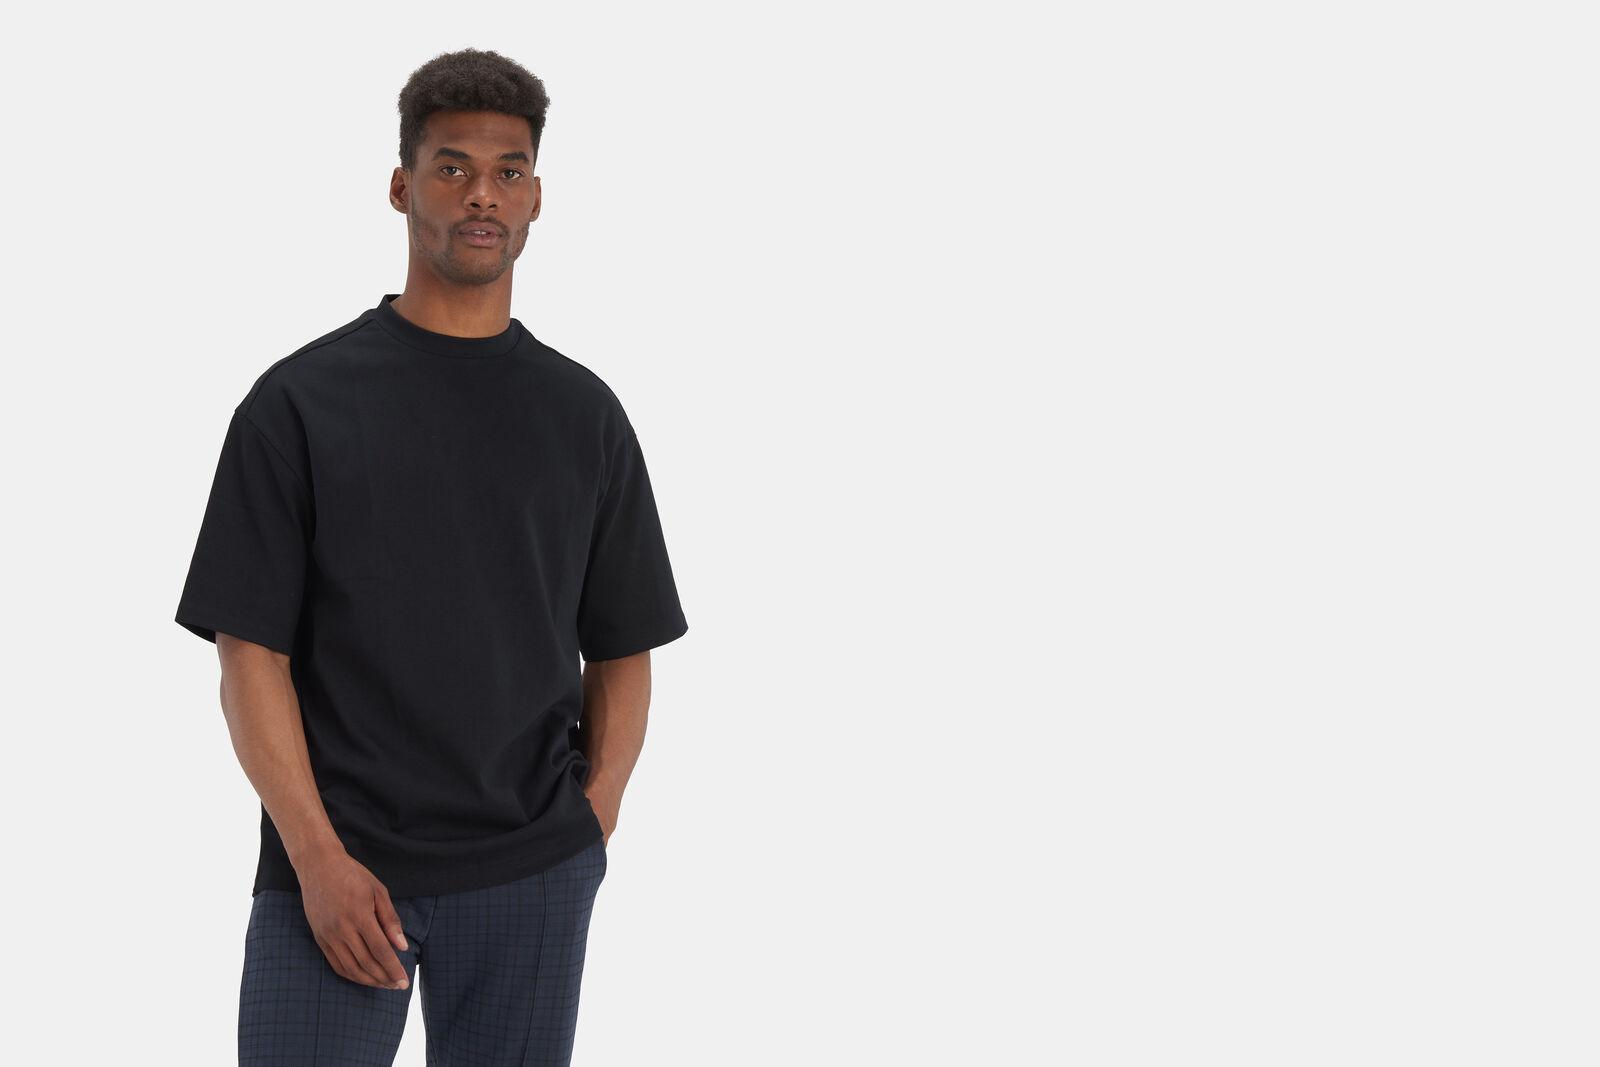 Arky T-shirt